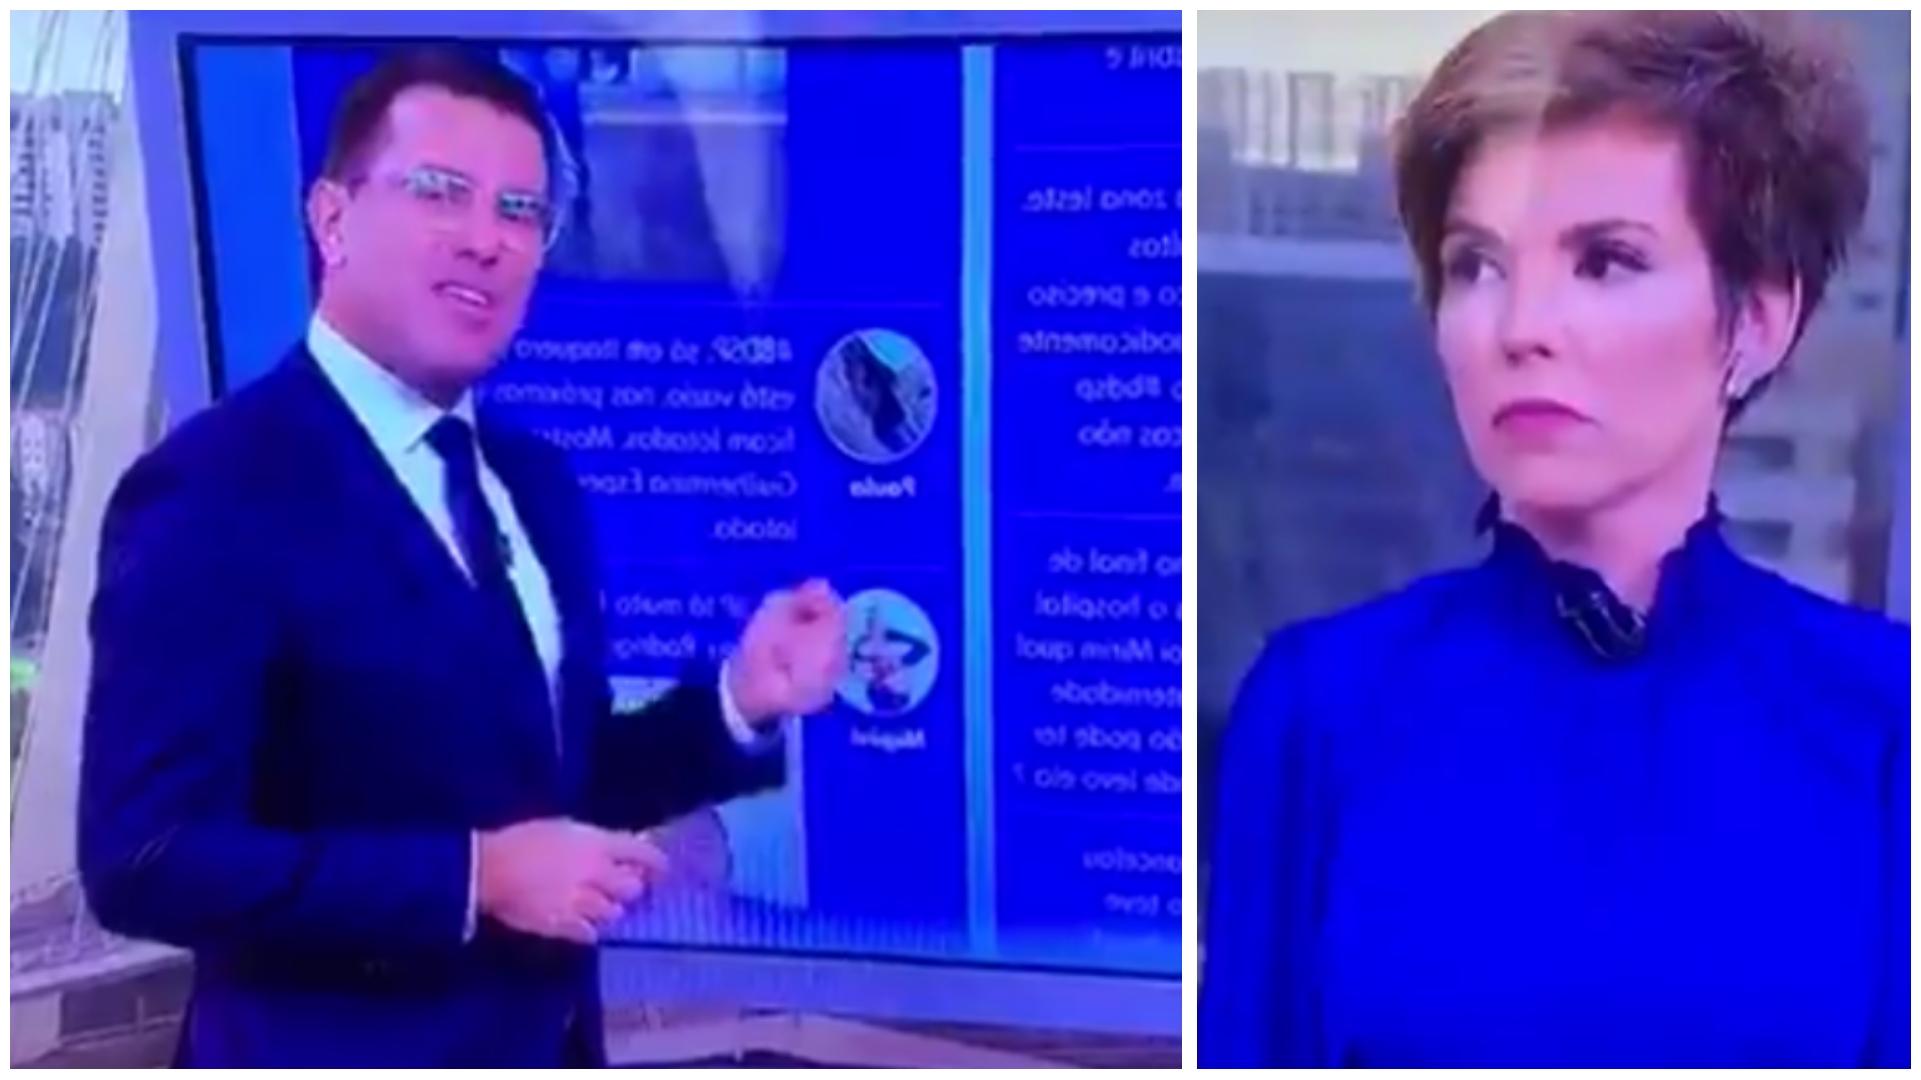 Jornalista da Globo, questiona dados: 'Não sabemos quem morre de Covid'